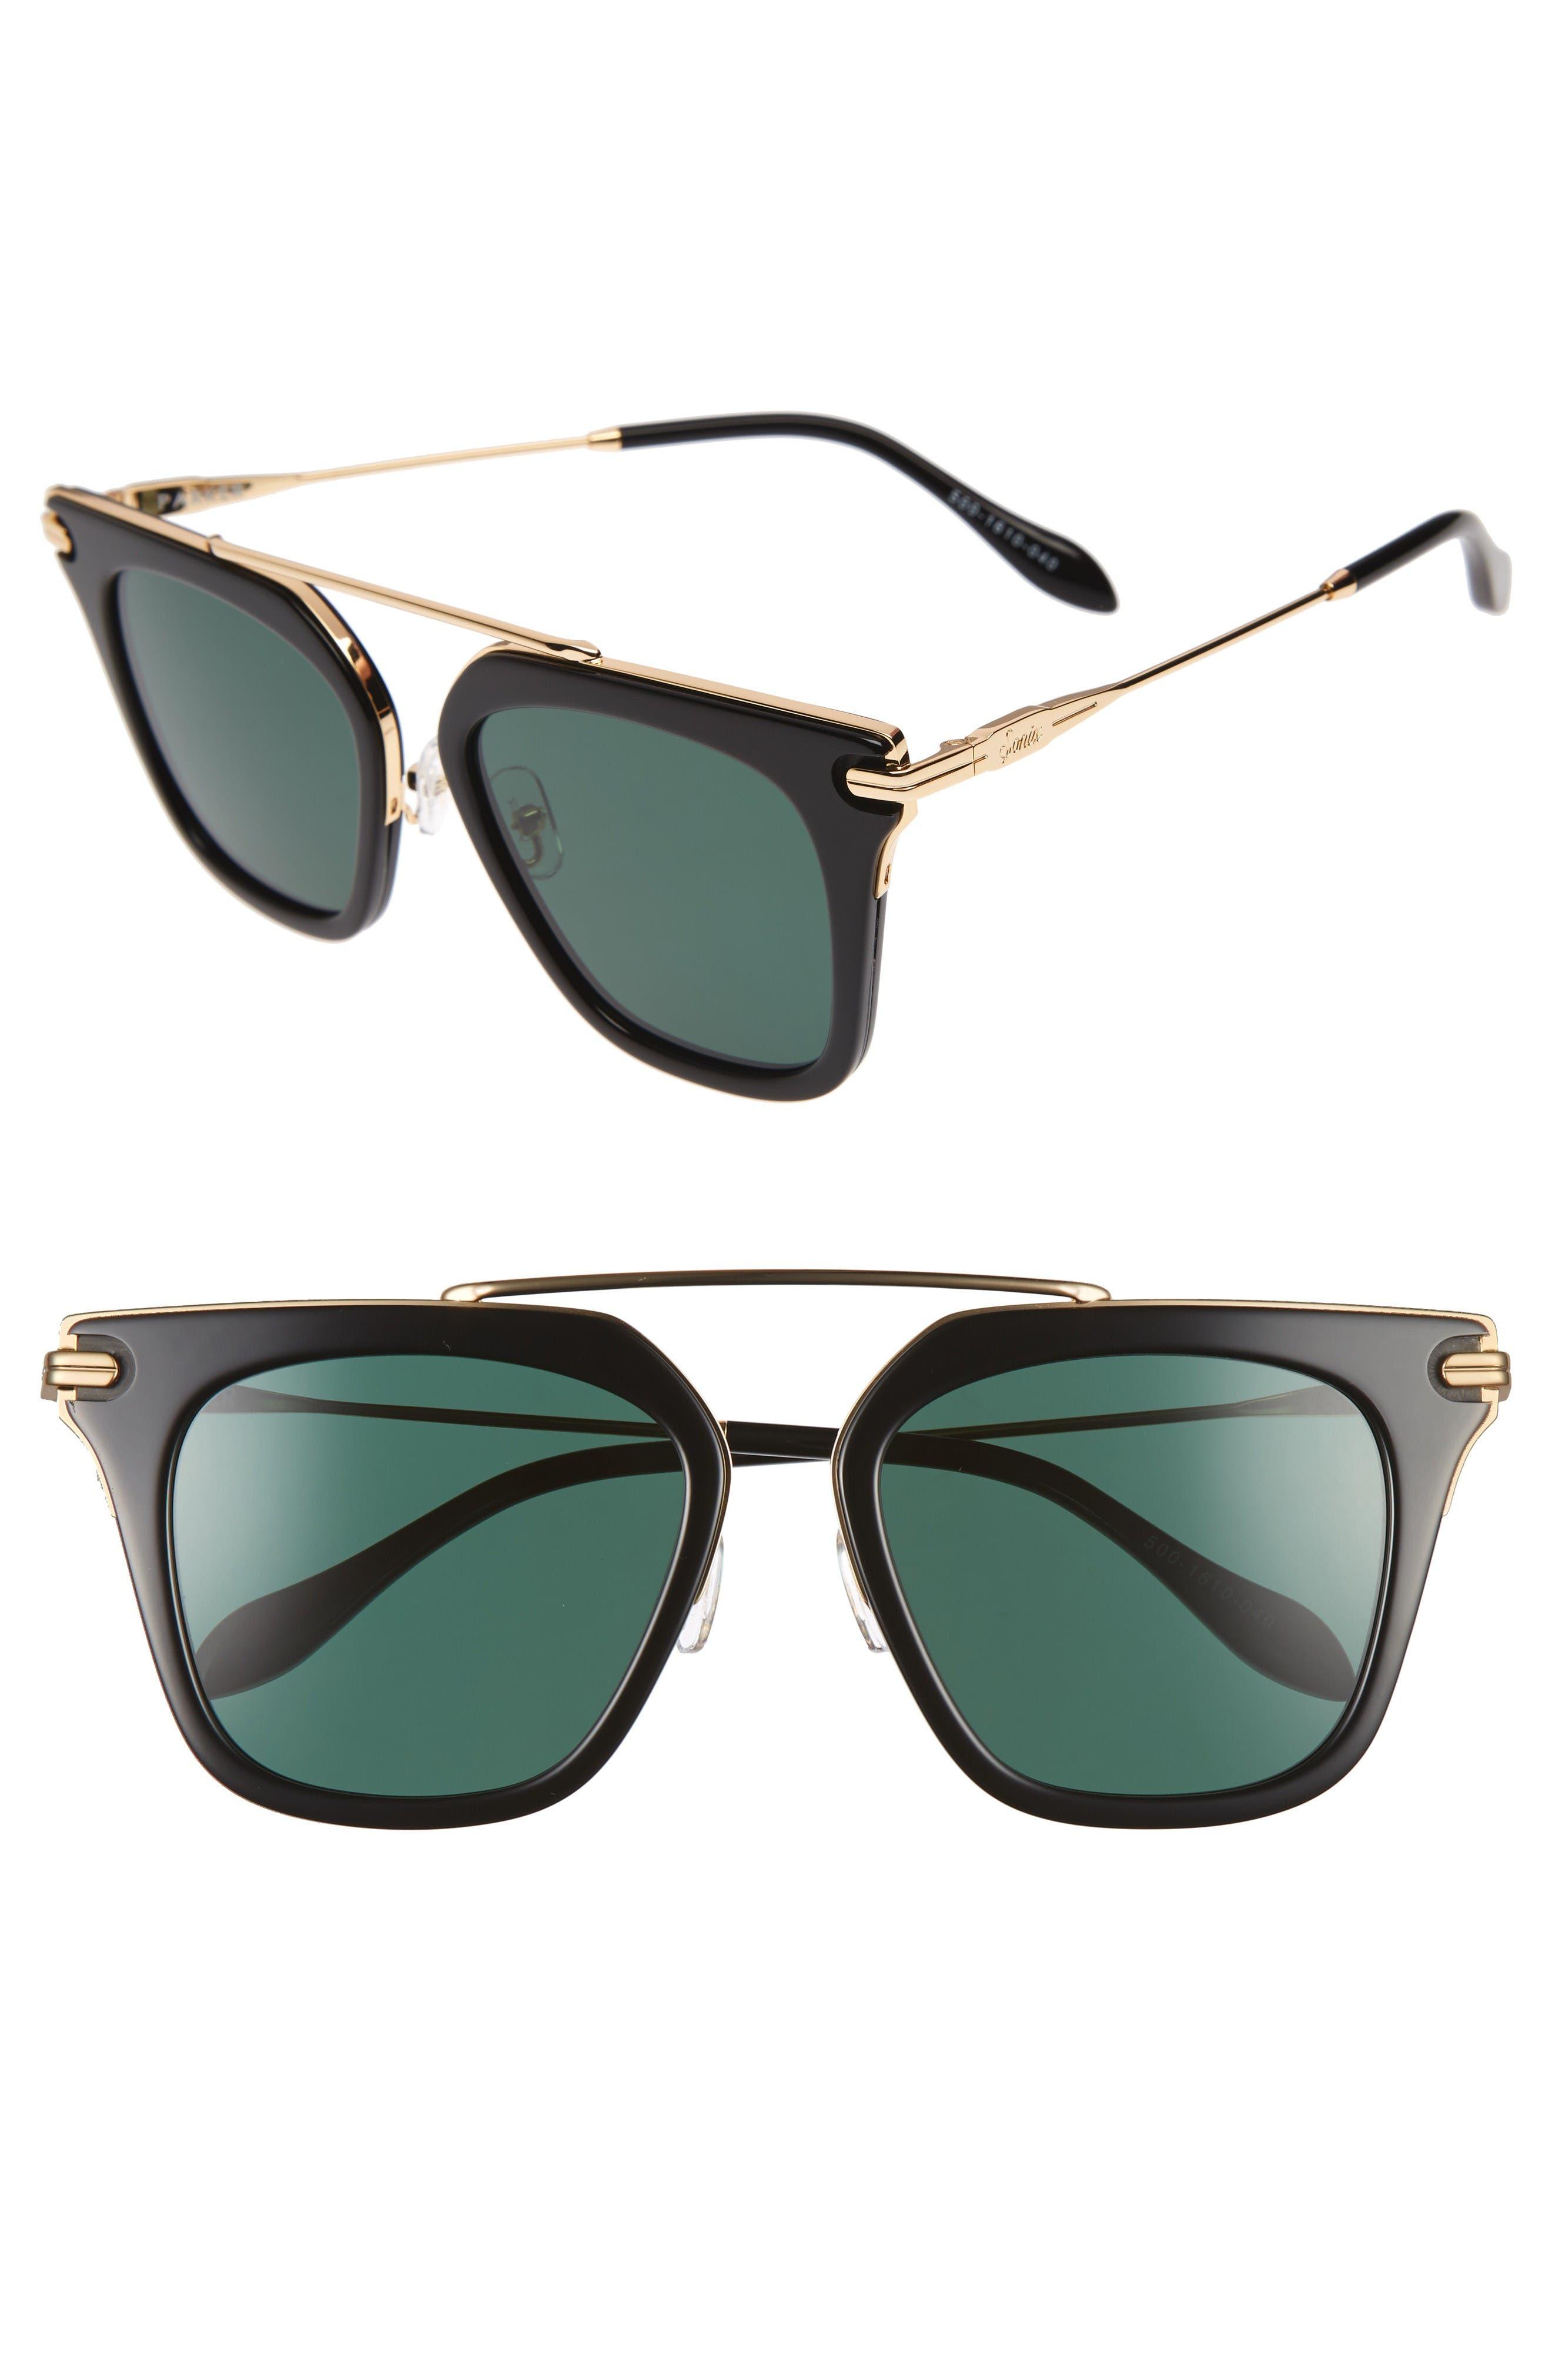 SONIX Parker 55mm Sunglasses